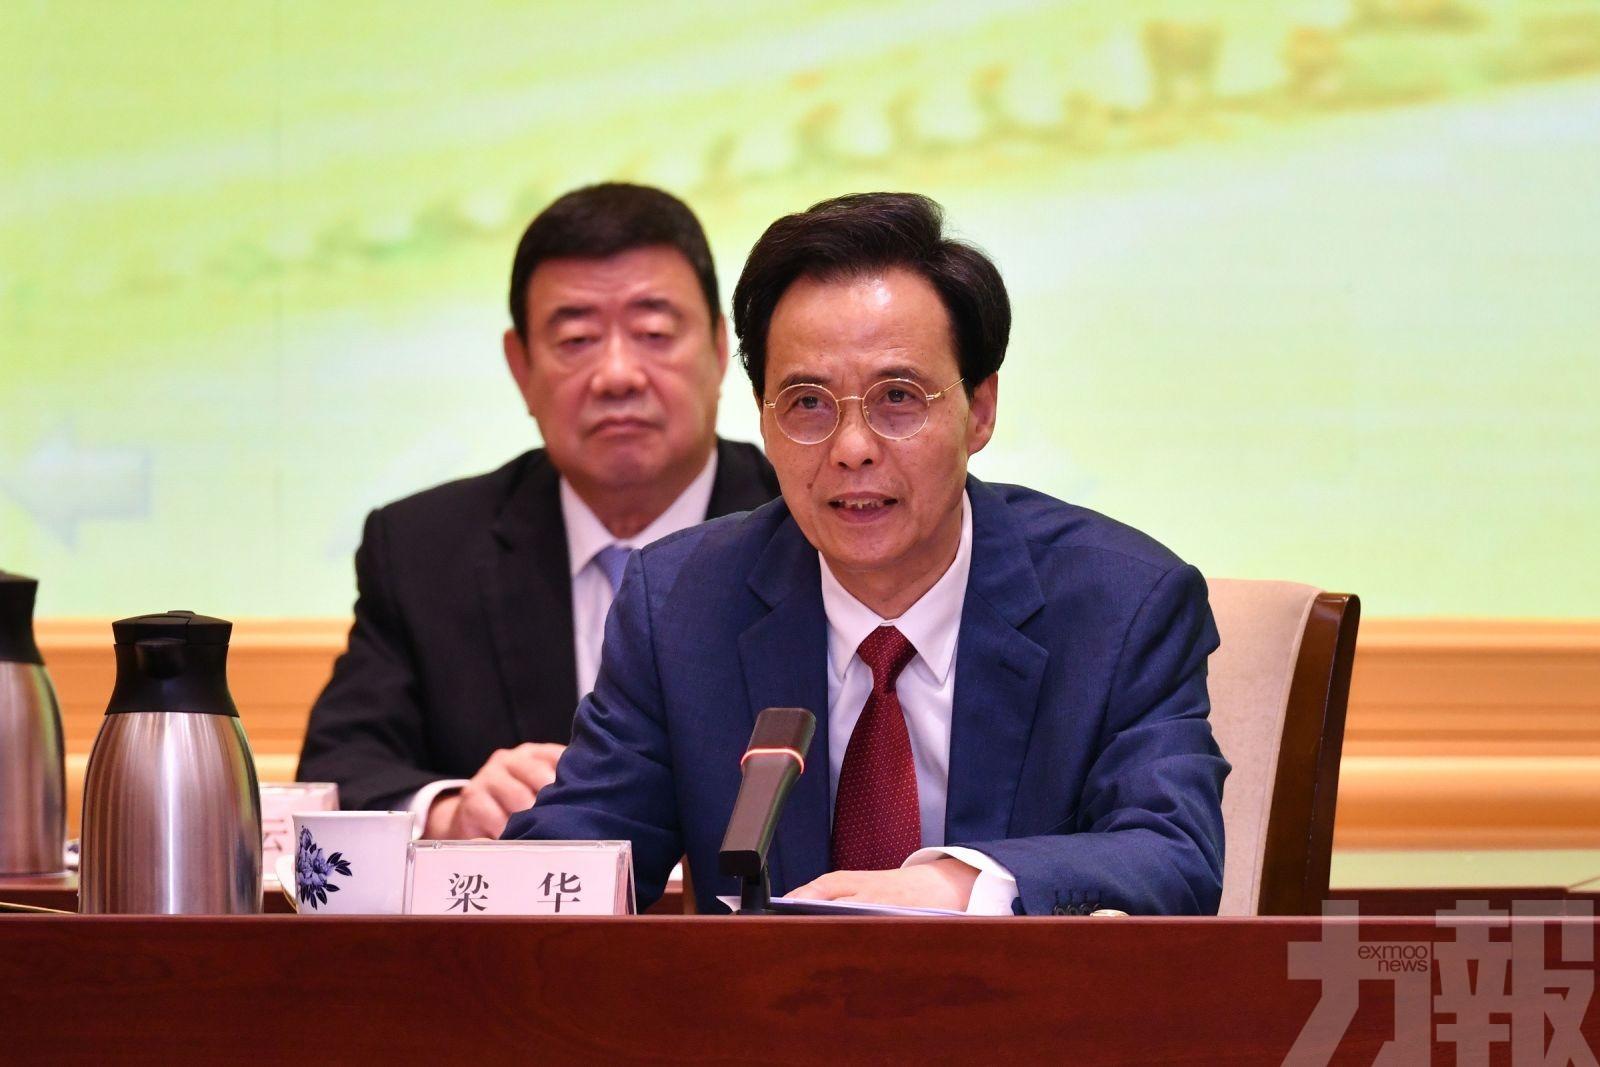 傅自應 : 中央將進一步支持粵澳深度合作開發橫琴